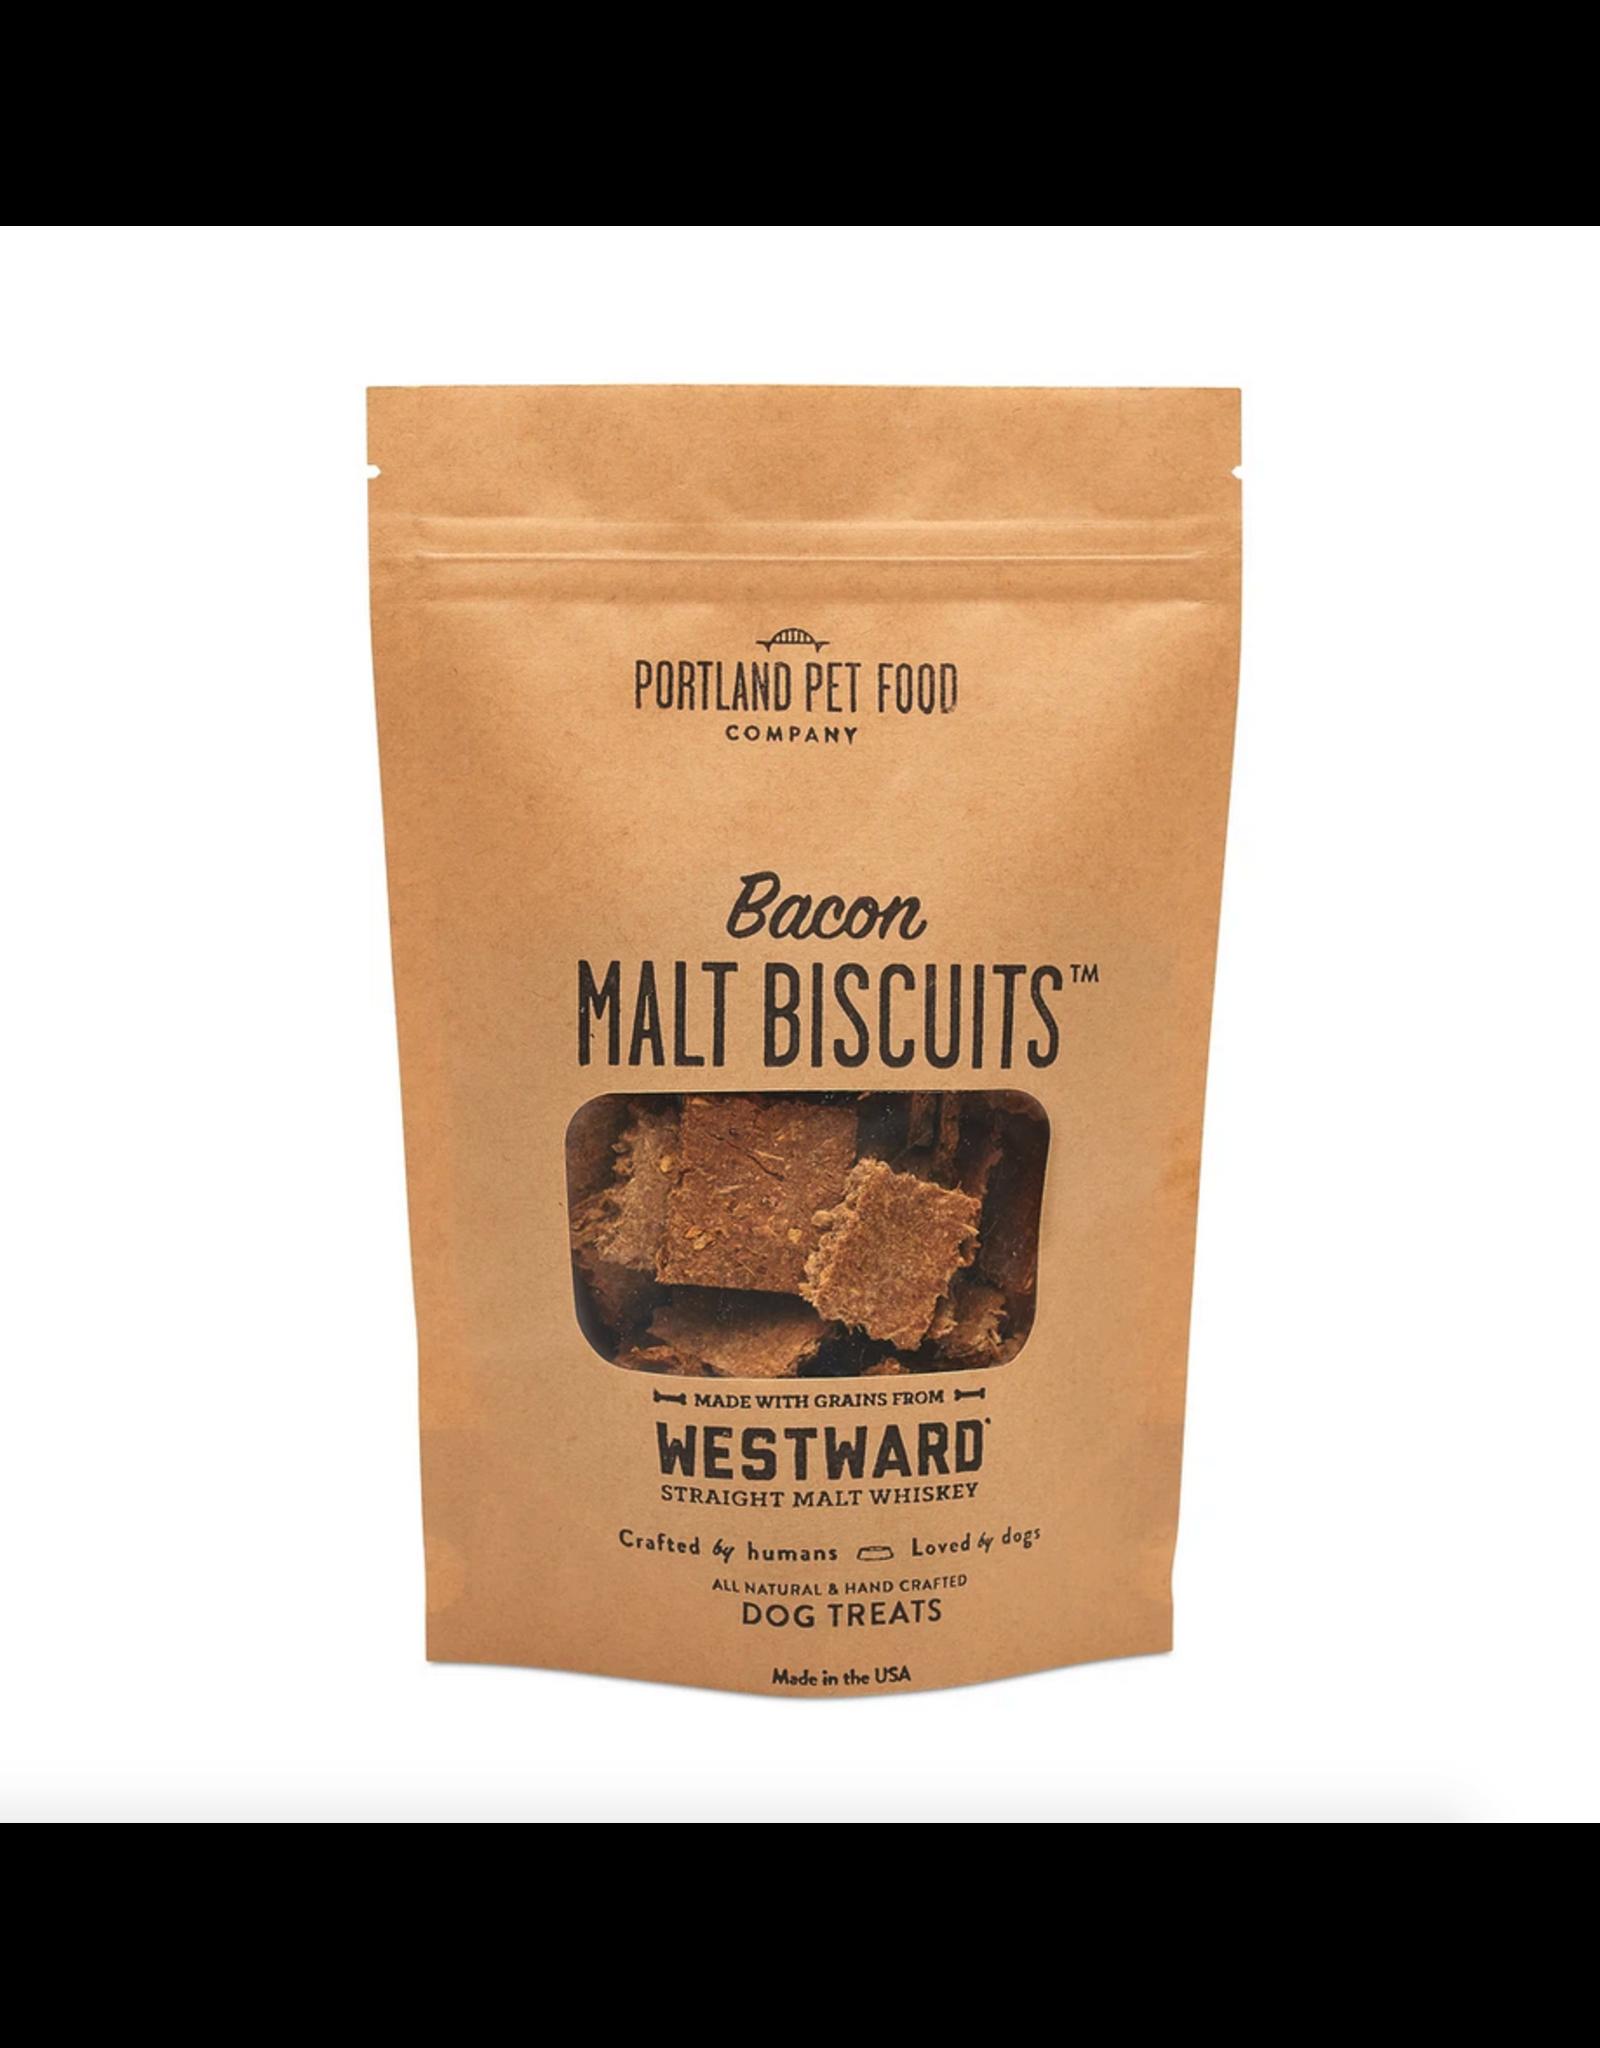 Portland Pet Food Company Portland Pet Food Company Bacon Malt Biscuits 5oz